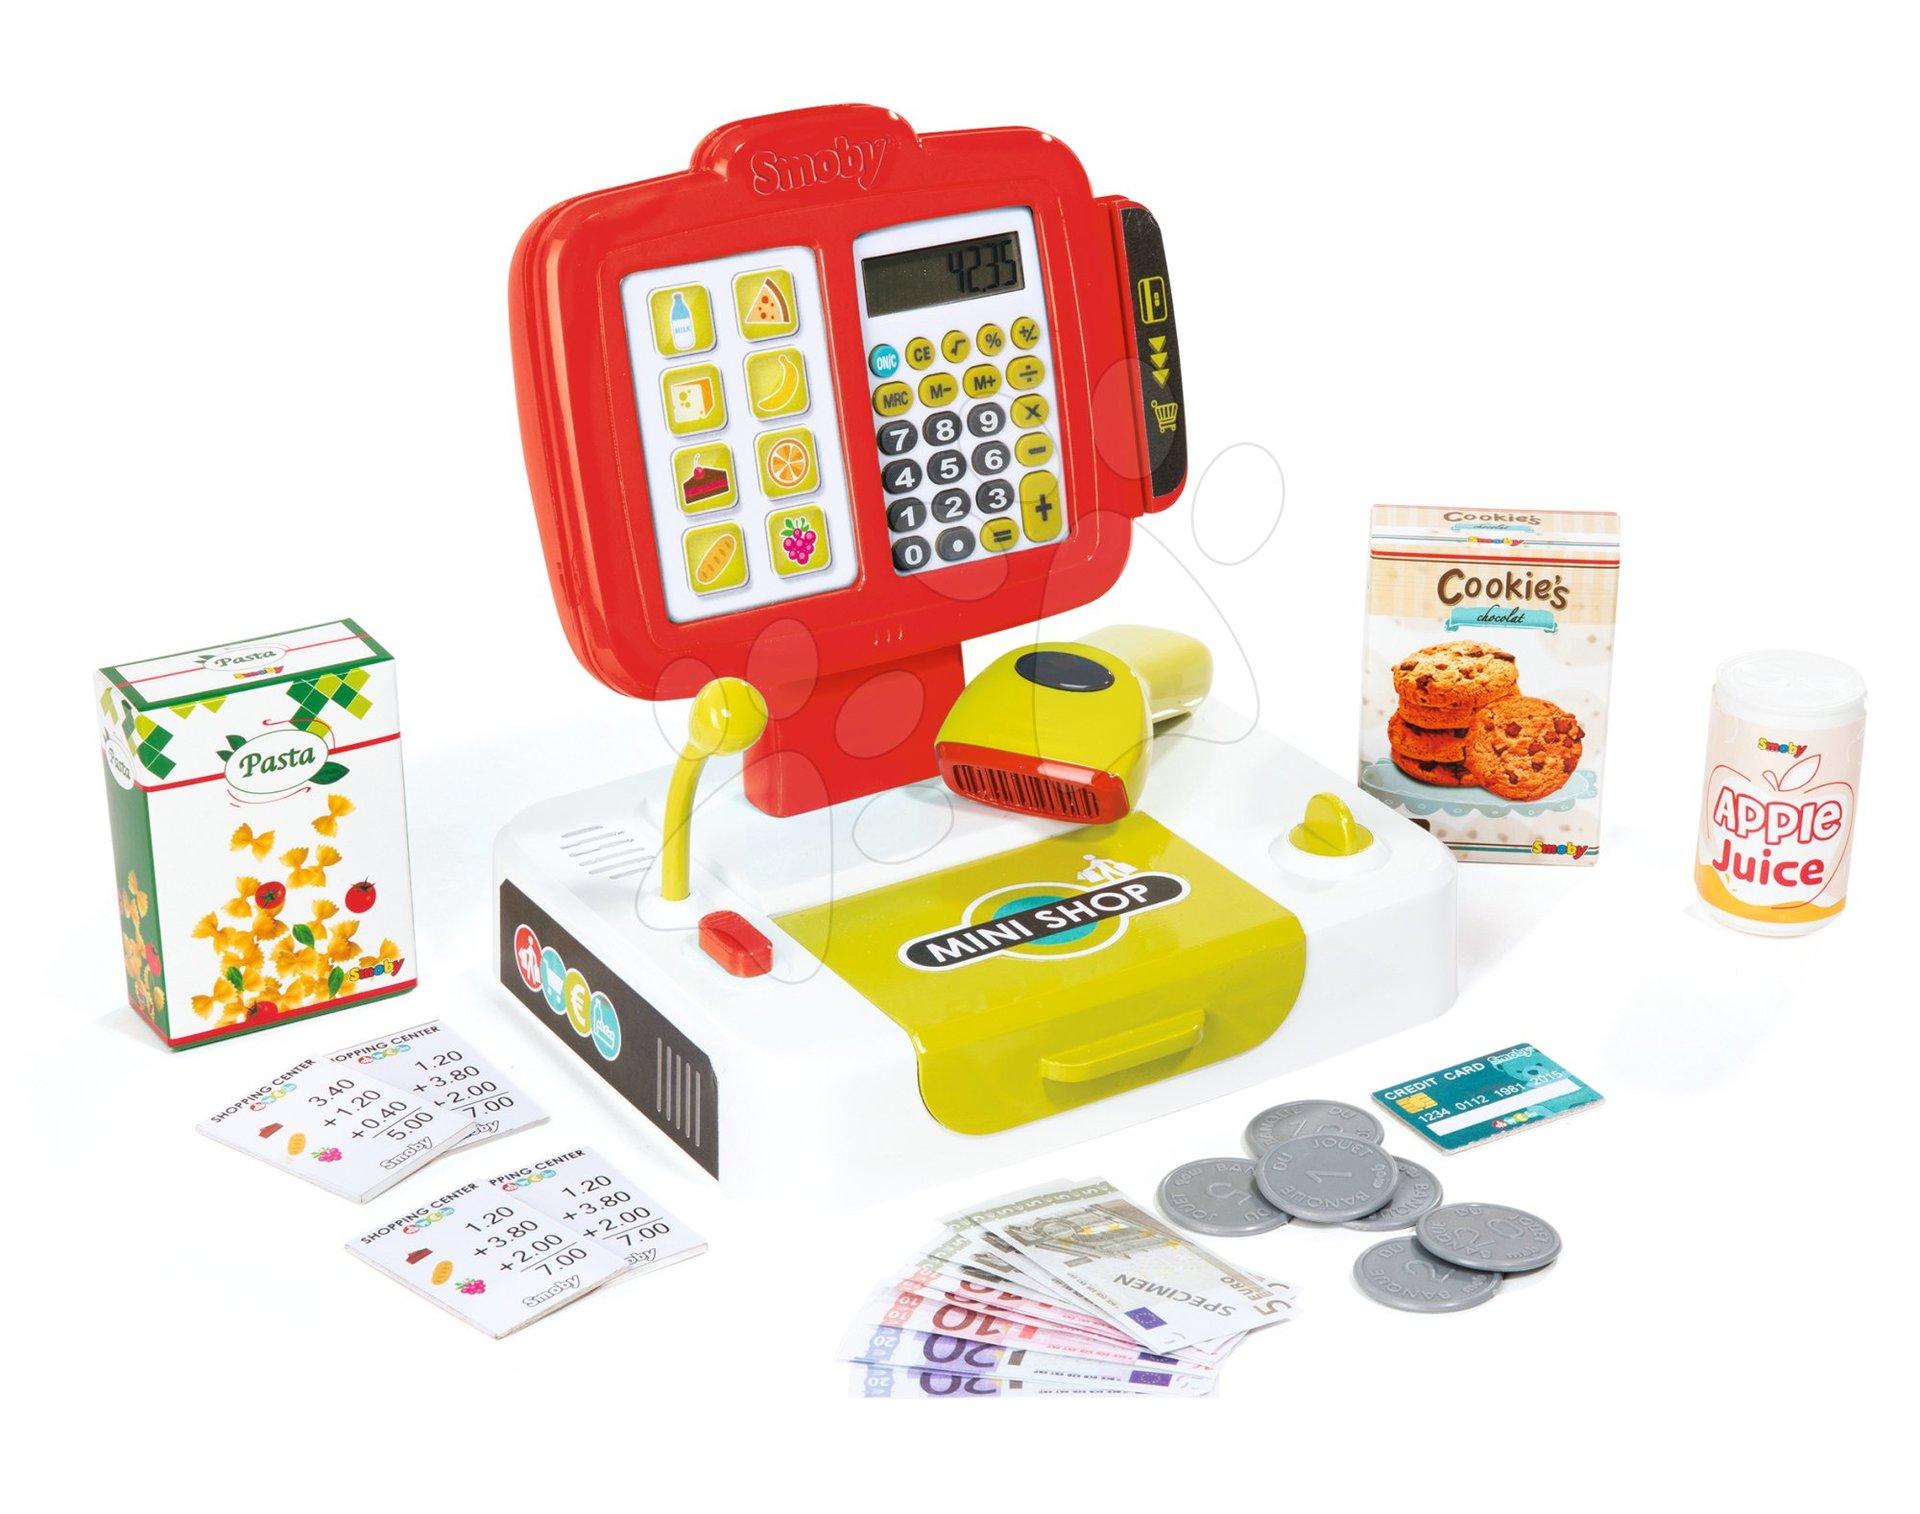 Elektronická pokladna klávesnicová Mini Shop Smoby tyrkysová se čtečkou kódů a 27 doplňky